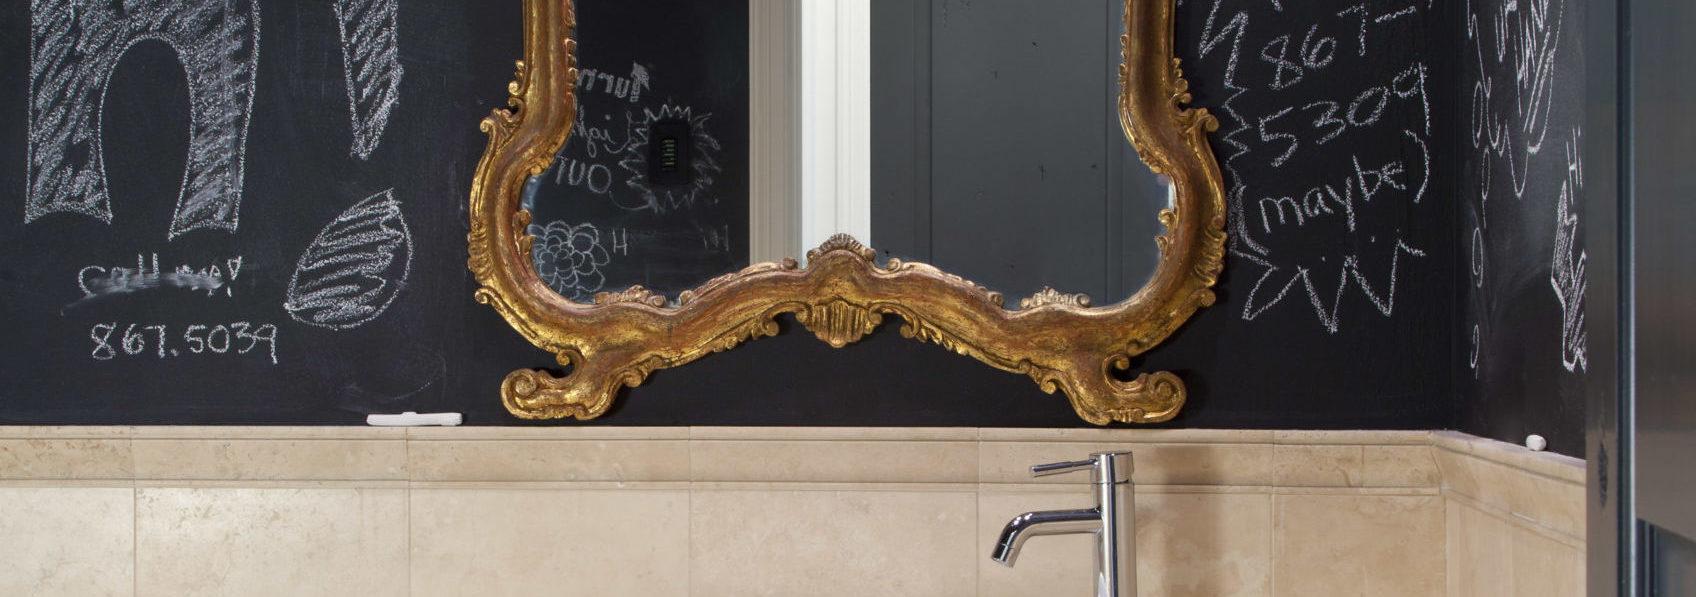 Ornate gold-leaf mirror in powder room